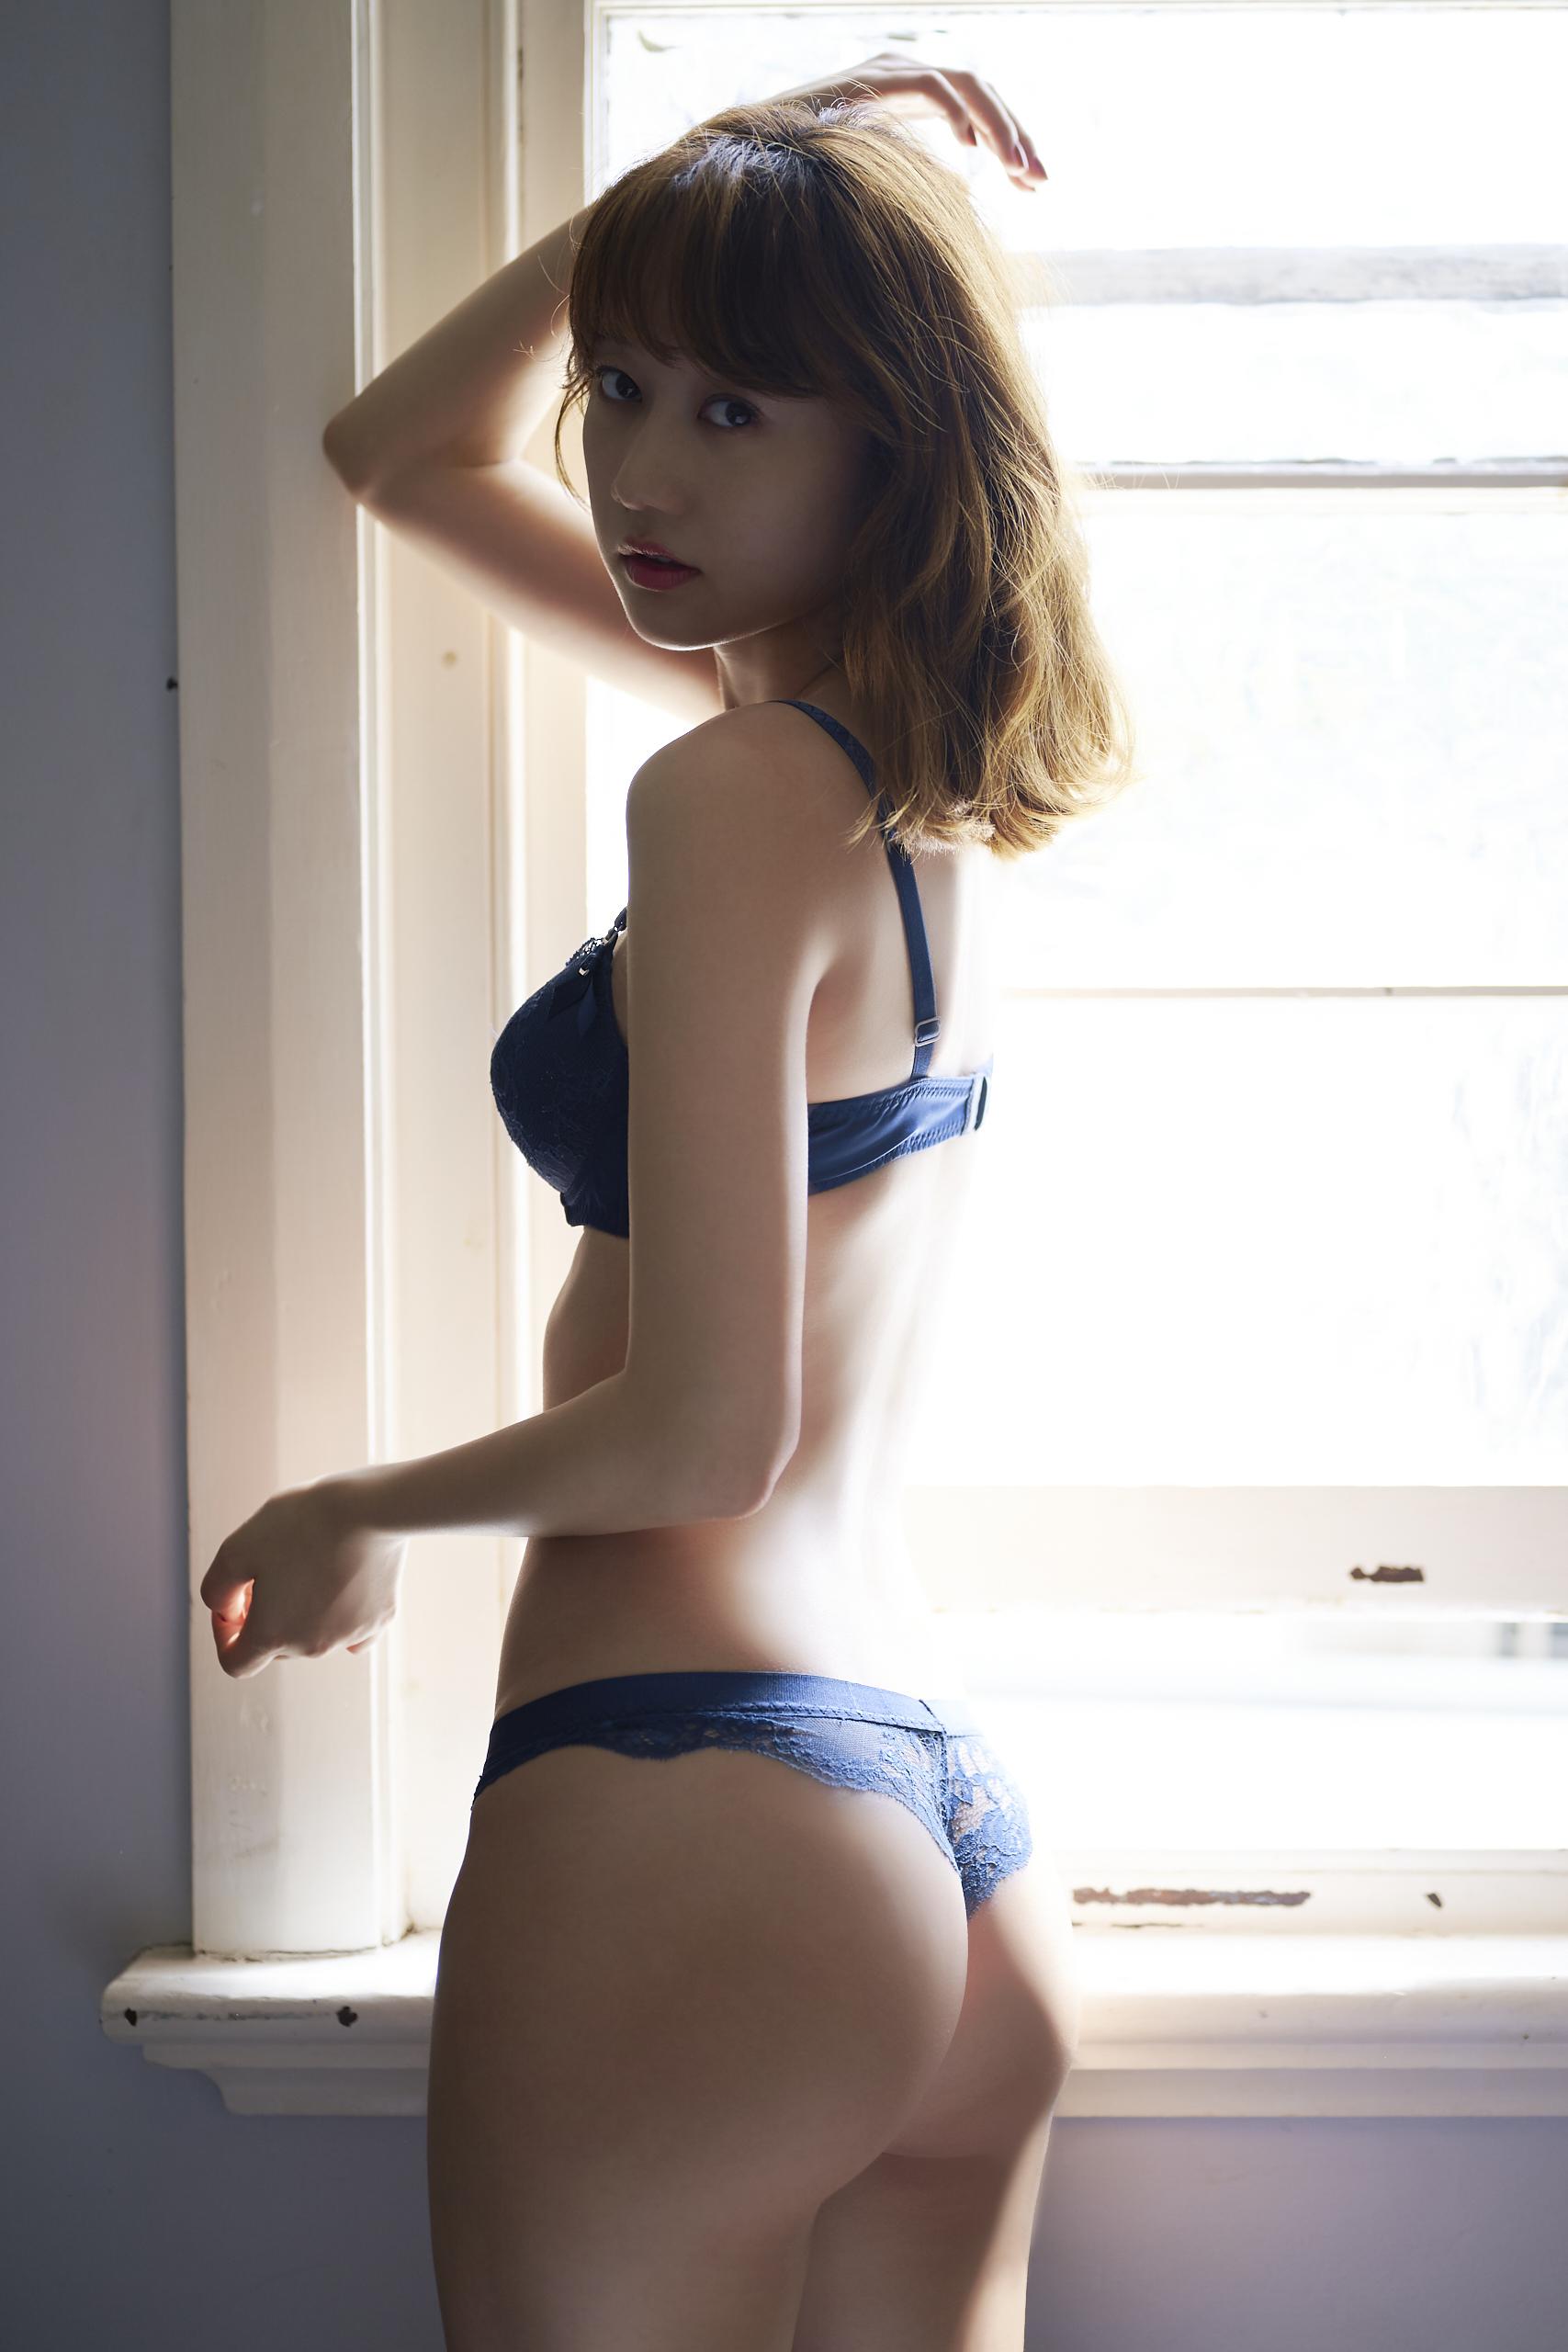 高田秋ファースト写真集C)週刊プレイボーイ/集英社(C)熊谷貫